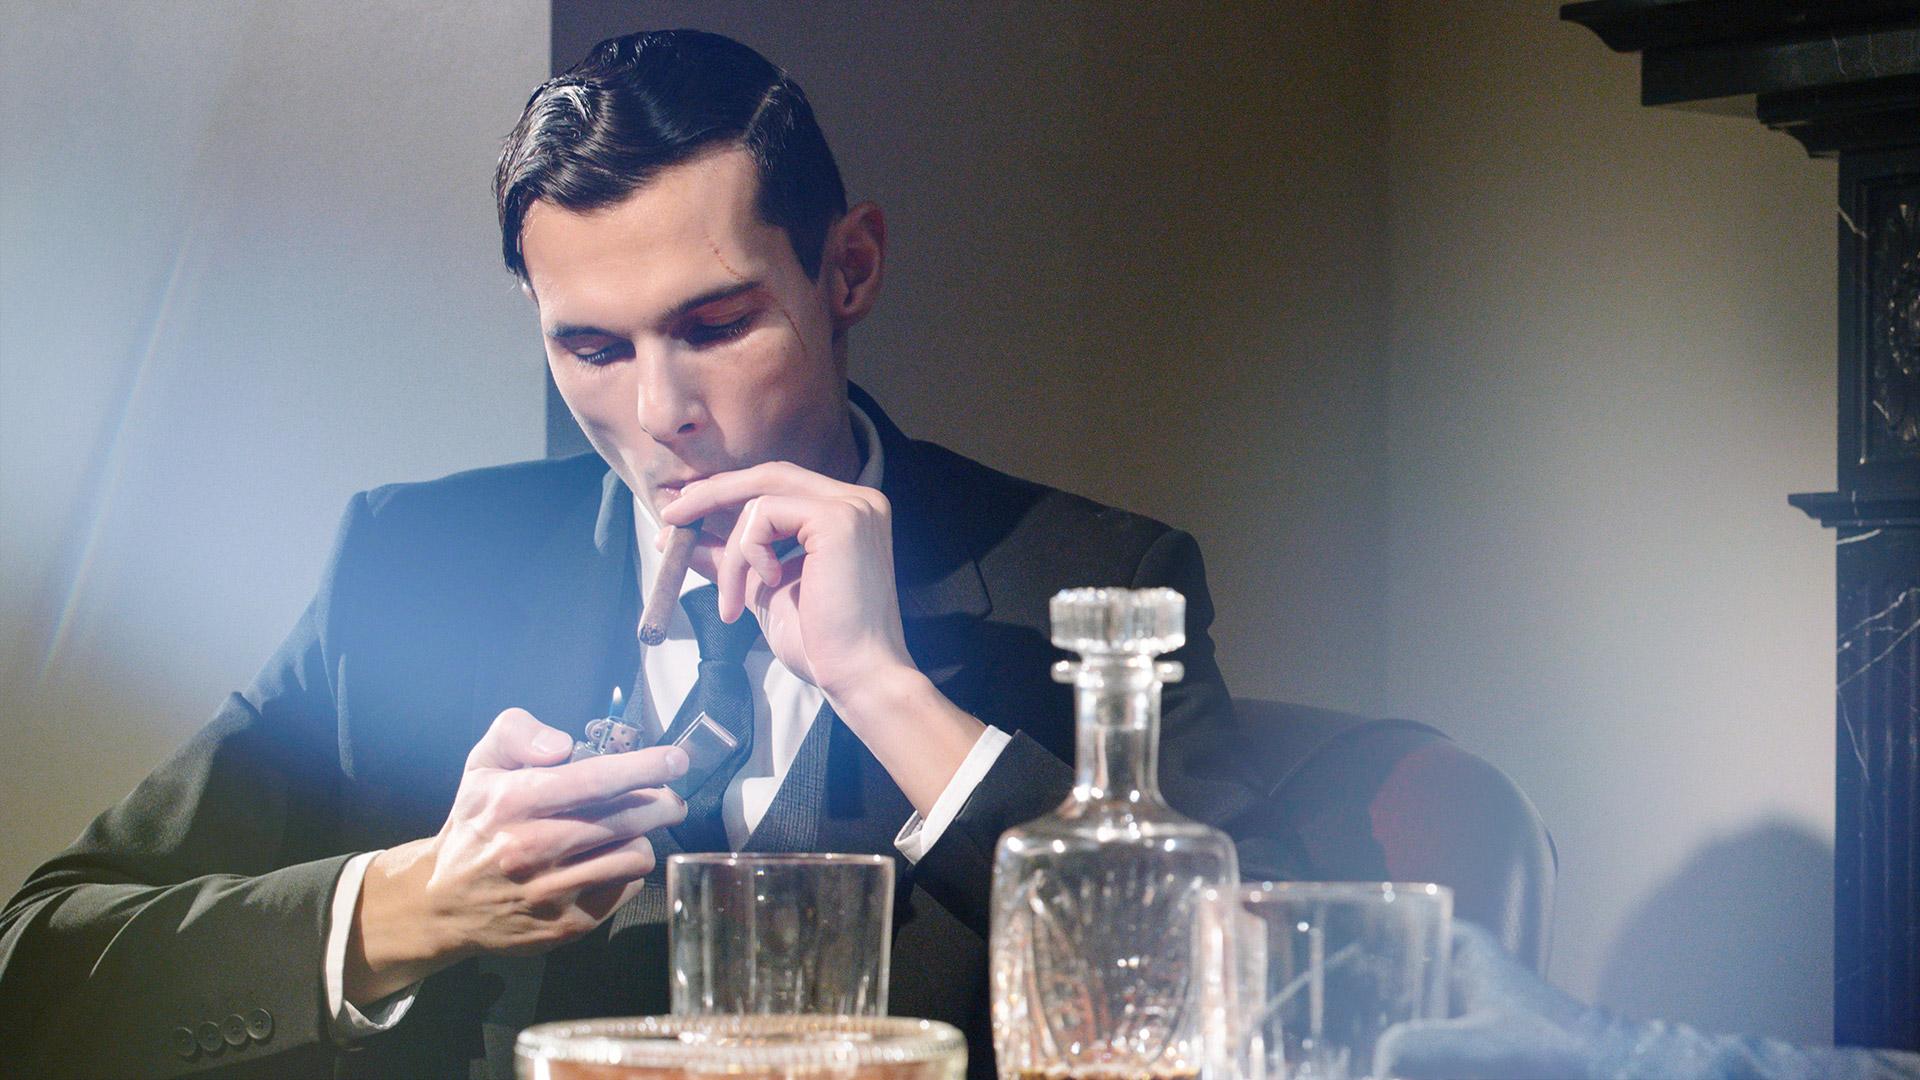 Man zündet sich an einer Bar eine Zigarre an